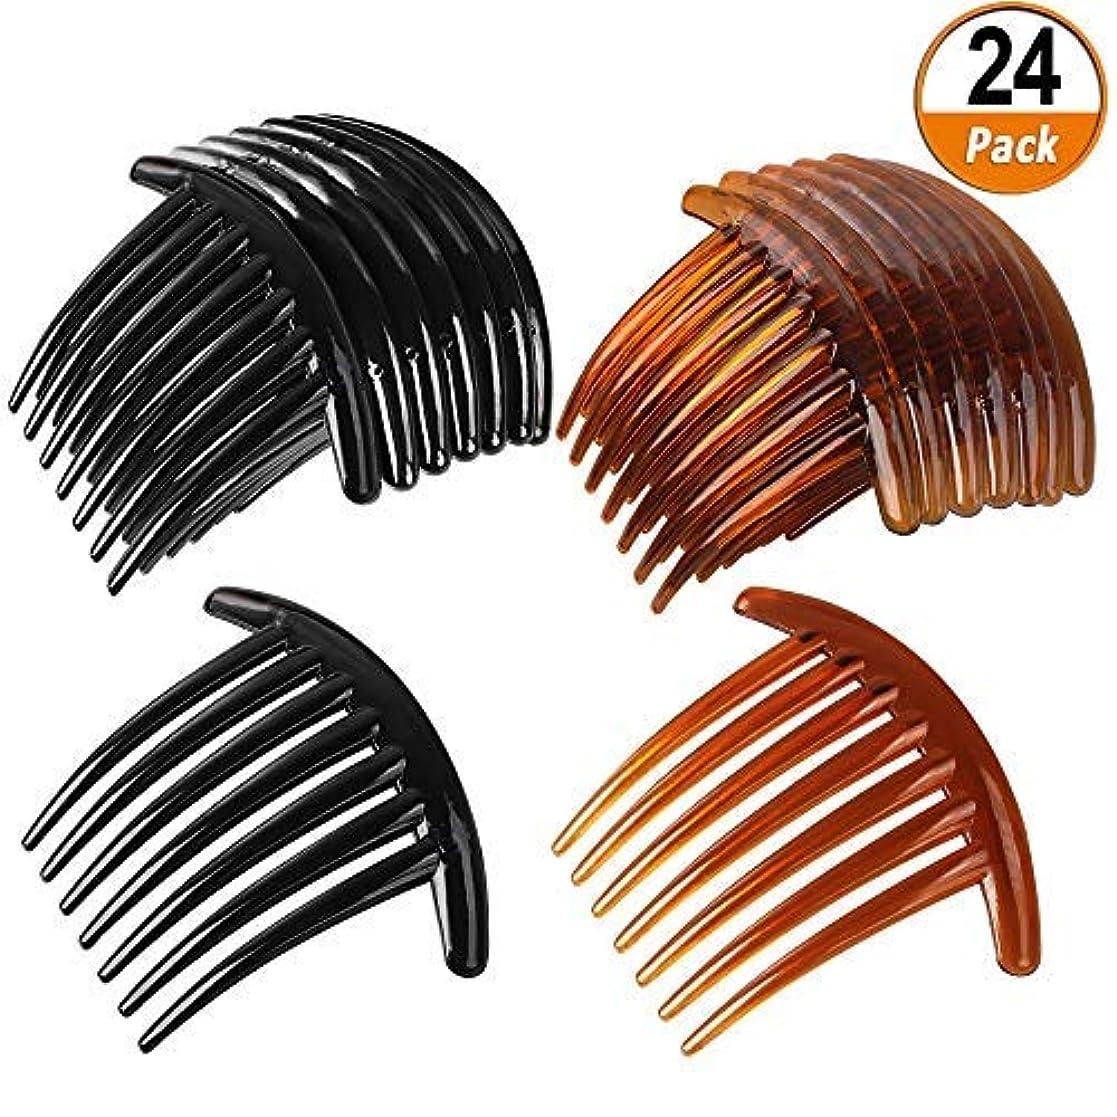 弱まる助言するペニー24 PCS 7 Tooth French Twist Comb Plastic Hair Clip Hair Side Combs Hair Accessory for Women Girls (Black and Brown...